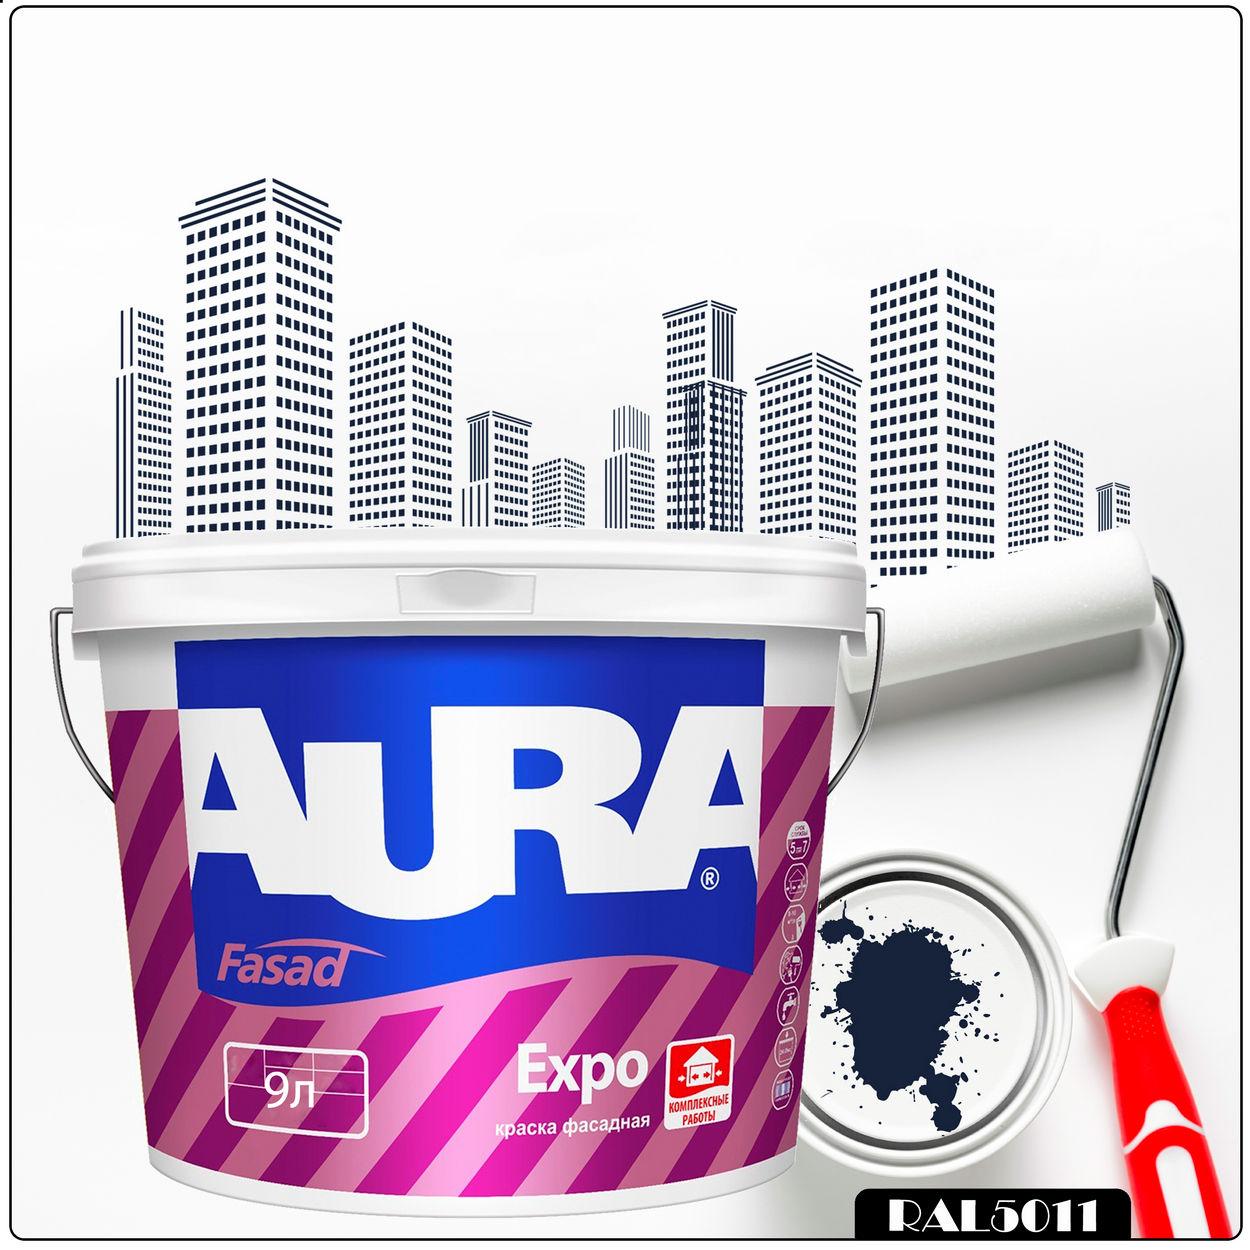 Фото 11 - Краска Aura Fasad Expo, RAL 5011 Синяя-сталь, матовая, для фасадов и помещений с повышенной влажностью, 9л.